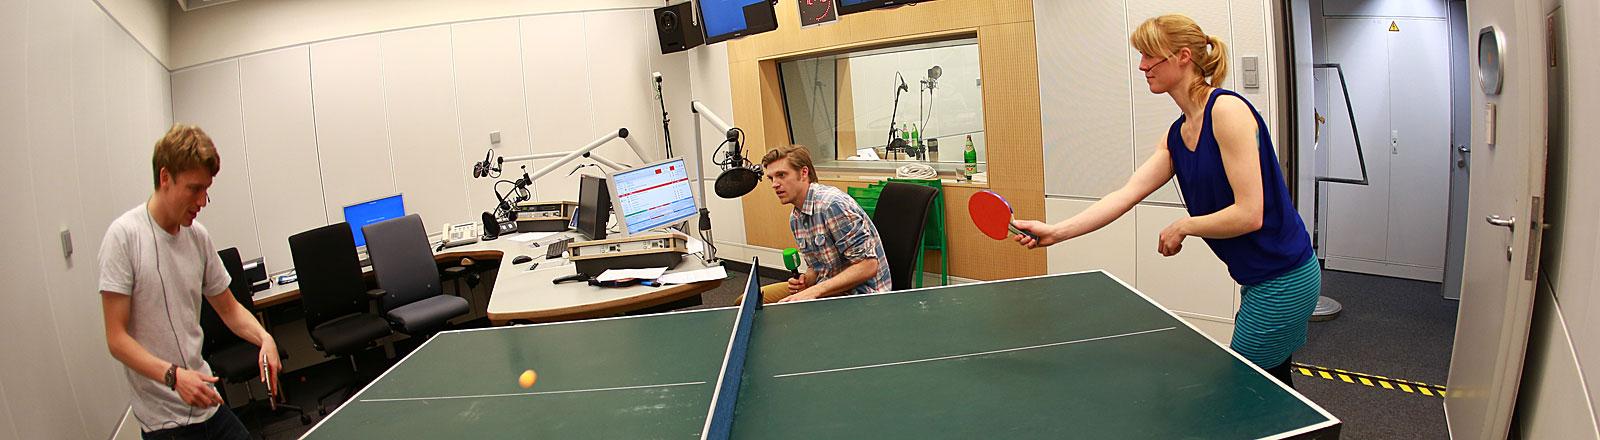 Lennart Wehking, Thilo Jahn, Nora Hespers beim Live-Tischtennis im DRadio Wissen Studio